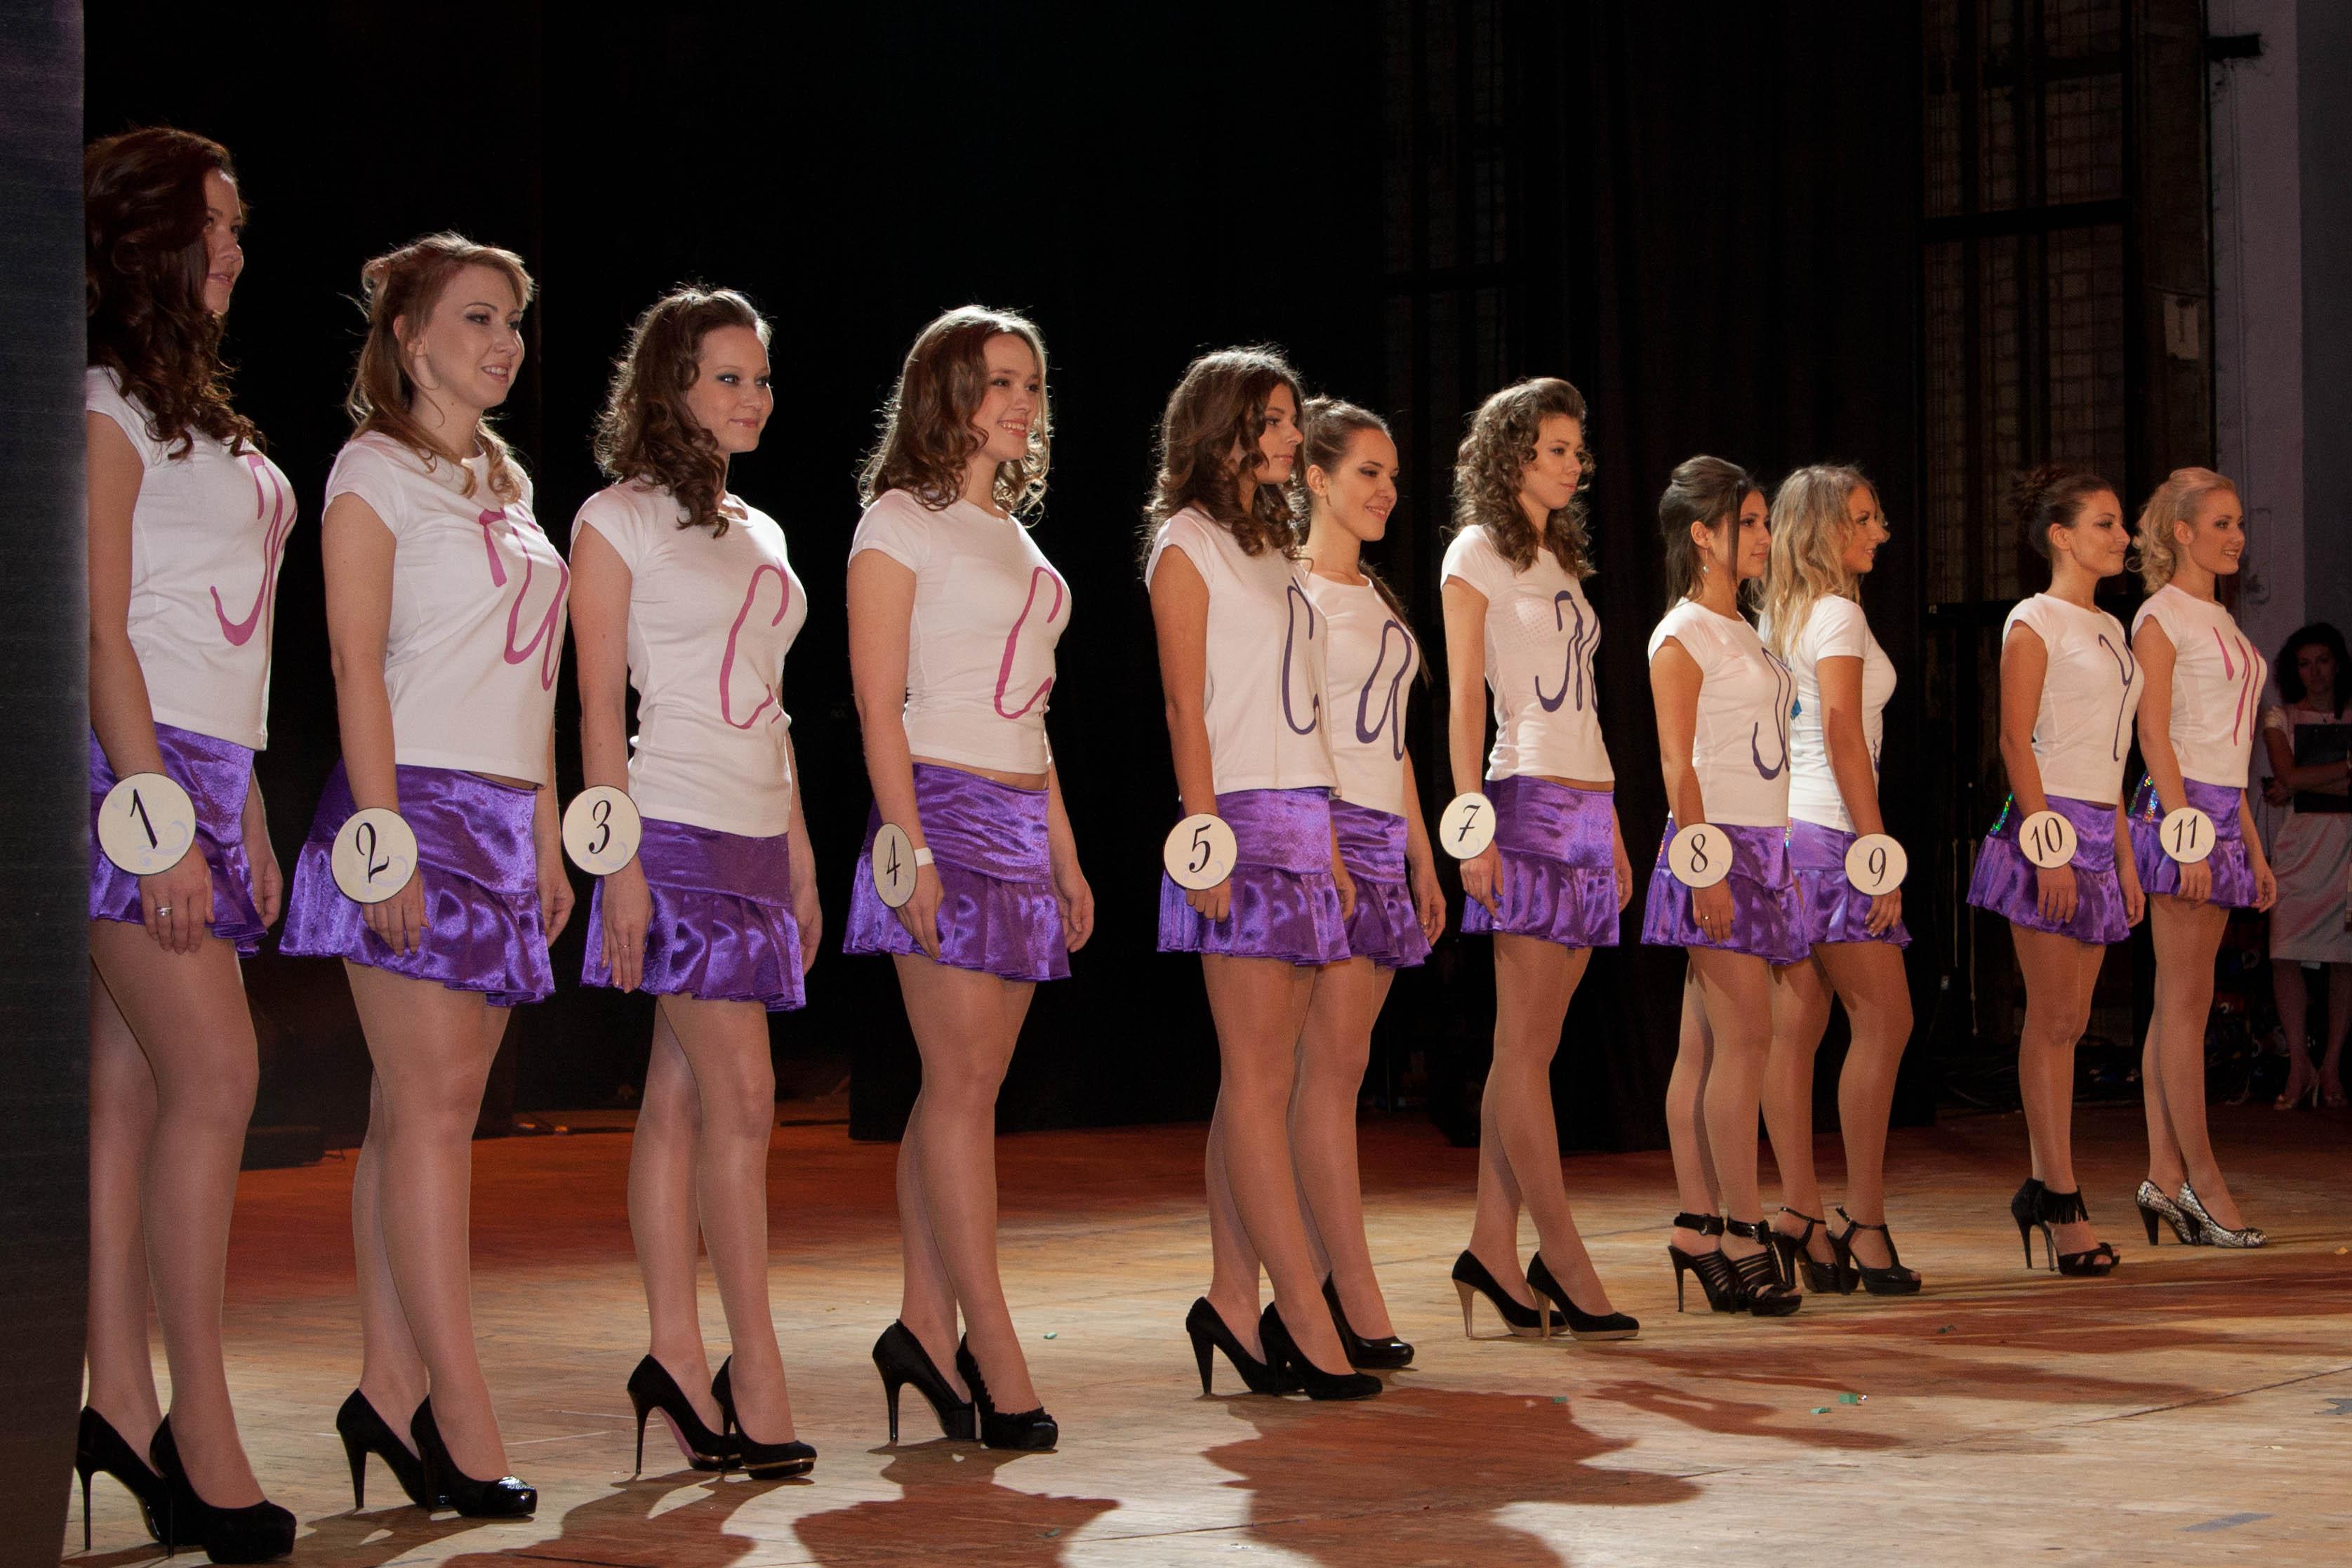 Фото конкурса красоты девочек нудисток 8 фотография